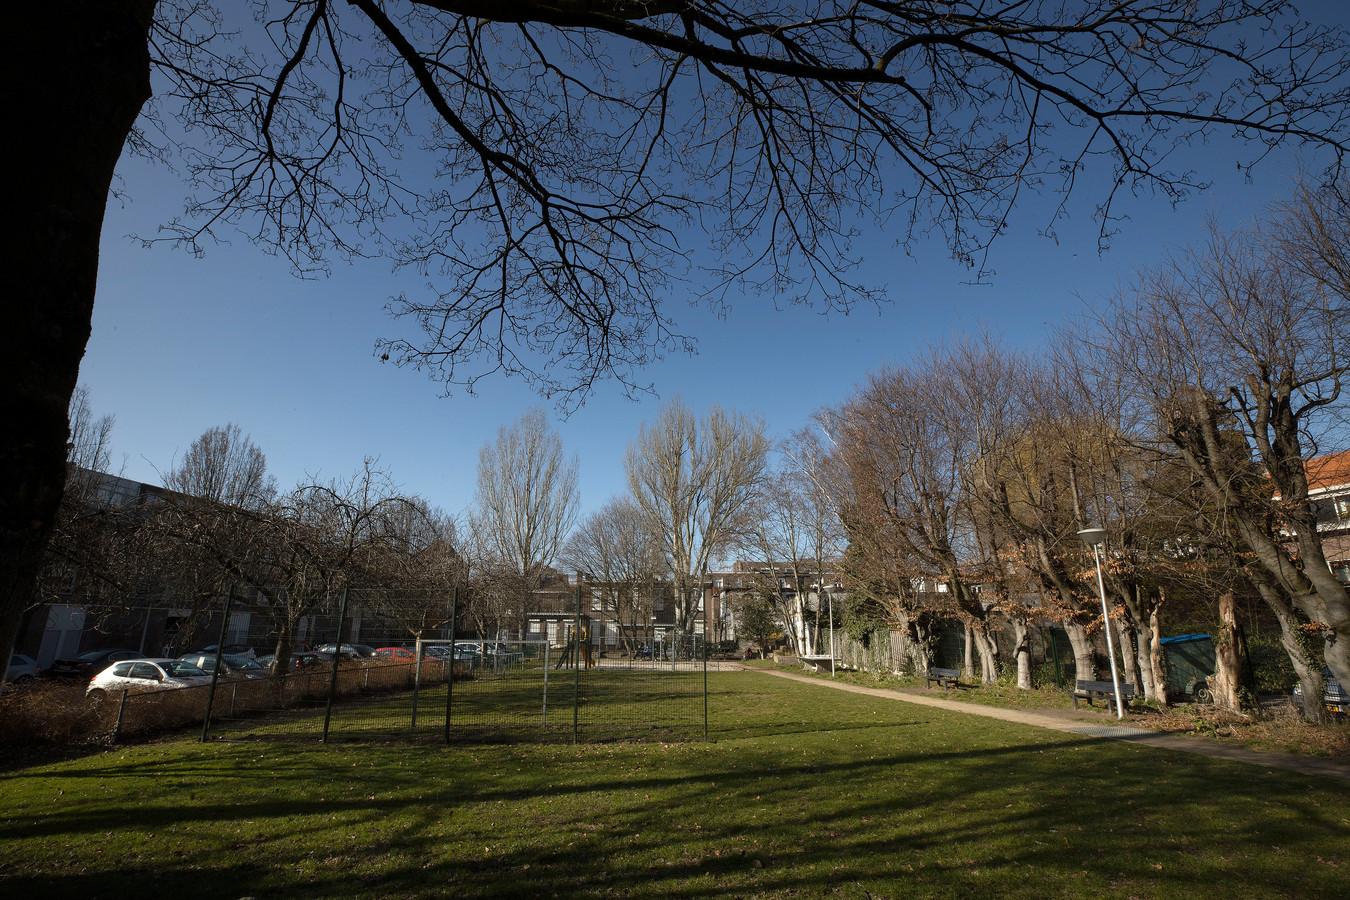 De gemeente is akkoord gegaan met een tijdelijke invulling van het Treffinaterrein in De Bergen. Dat ligt er nu troosteloos bij.